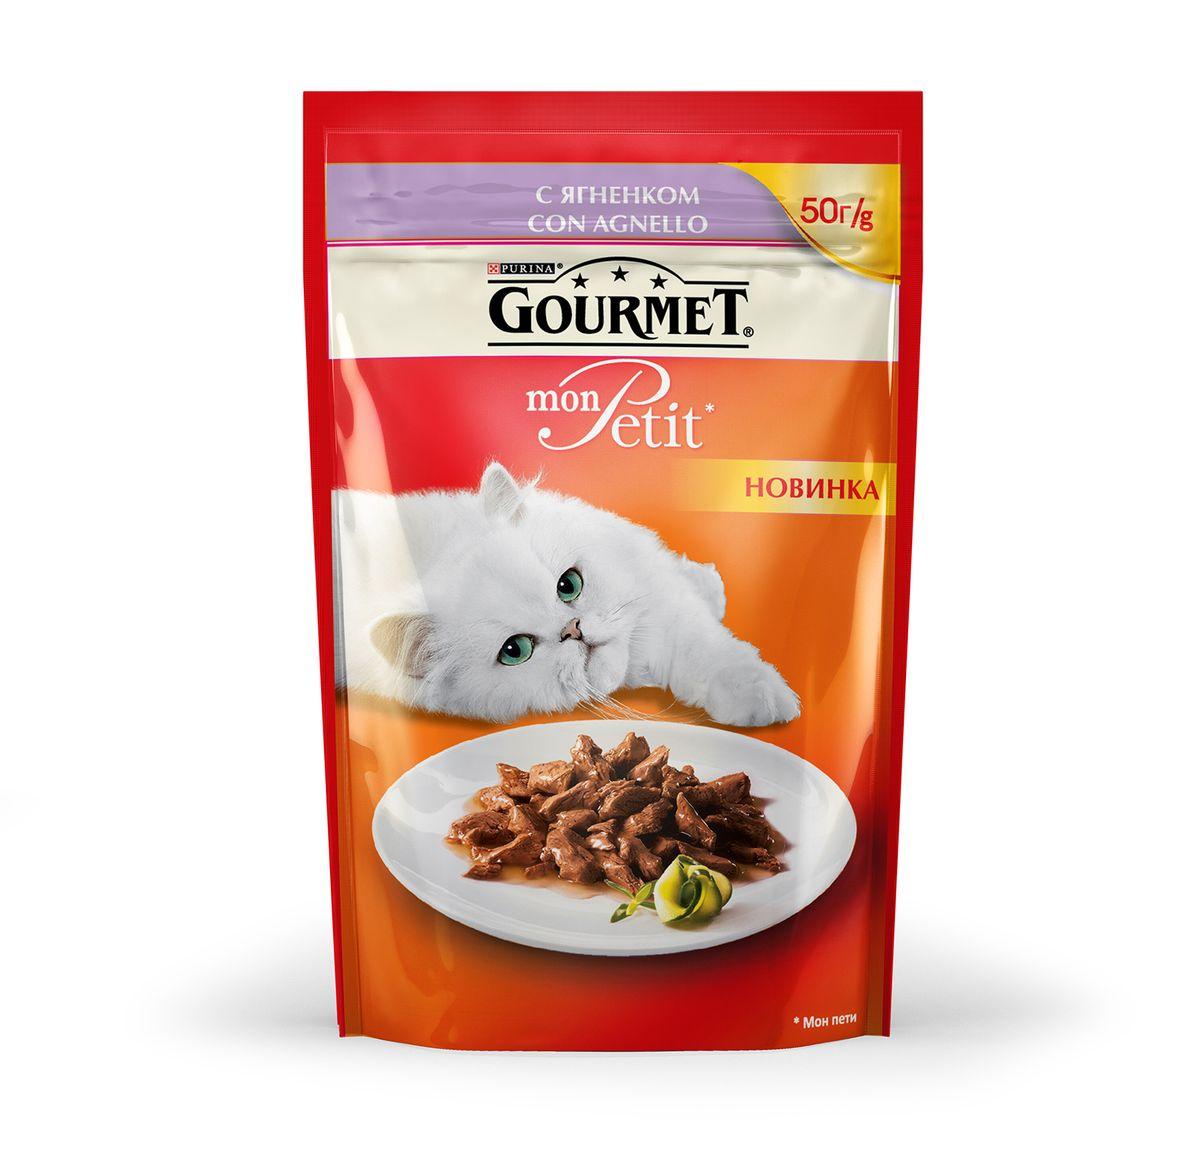 Консервы Gourmet Mon Petit, для взрослых кошек, с ягненком, 50 г0120710Настоящие гурманы знают, что ничто не сравнится с восхитительным вкусом только что приготовленного блюда. Именно тогда изысканное сочетание превосходных ингредиентов раскрывается наиболее ярко. Ваши питомцы достойны вкусного питания - аппетитного обеда из нежнейших кусочков мяса из только что открытого пакетика. Особый формат упаковки Gourmet Mon Petit (50 г) удобен тем, что содержит порцию оптимального размера. Это позволяет вашему пушистому гурману доесть все сразу до последнего кусочка, наслаждаясь пиком вкуса великолепного продукта. Больше не придется хранить остатки в холодильнике и на следующий день уговаривать своего питомца все это съесть. Ведь он, как настоящий гурман, понимает, что вкусно только то, что сразу же оказывается у него на тарелке. Вы можете быть уверены - ваш гурман оценит изысканное сочетание высококачественных ингредиентов, бережно приготовленных в аппетитном соусе. Состав: мясо и продукты переработки мяса (в том числе ягнятина 4%), экстракт растительного белка, рыба и продукты переработки рыбы, минеральные вещества, сахара, дрожжи, витамины.Добавленные вещества: витамин A 732 МЕ/кг; витамин D3 112 МЕ/кг; железо 8,4 мг/кг; йод 0,21 мг/кг; медь 0,73 мг/кг; марганец 1,6 мг/кг; цинк 15 мг/кг.Пищевая ценность в 100 г: влажность 81,4%, белок 12,3%, жир 2,8%, сырая зола 1,6%, сырая клетчатка 0,07%.Товар сертифицирован.